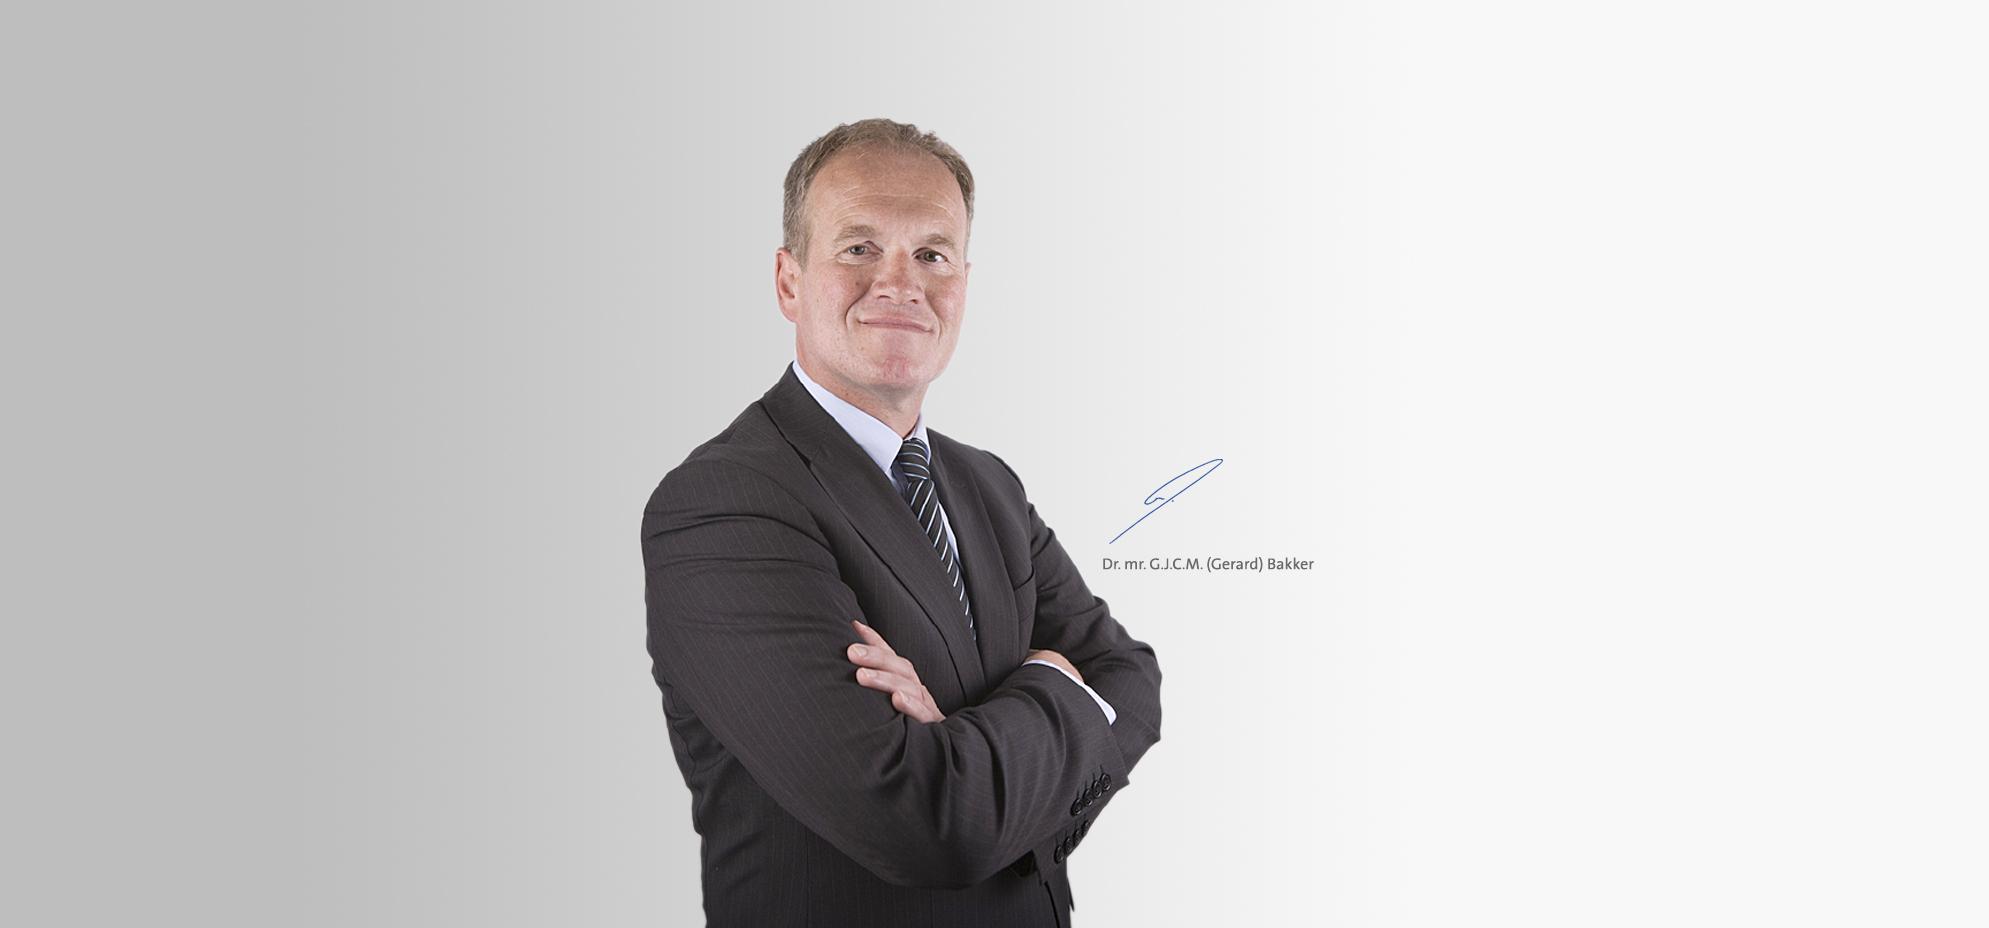 Gerard Bakker Viae Vitae